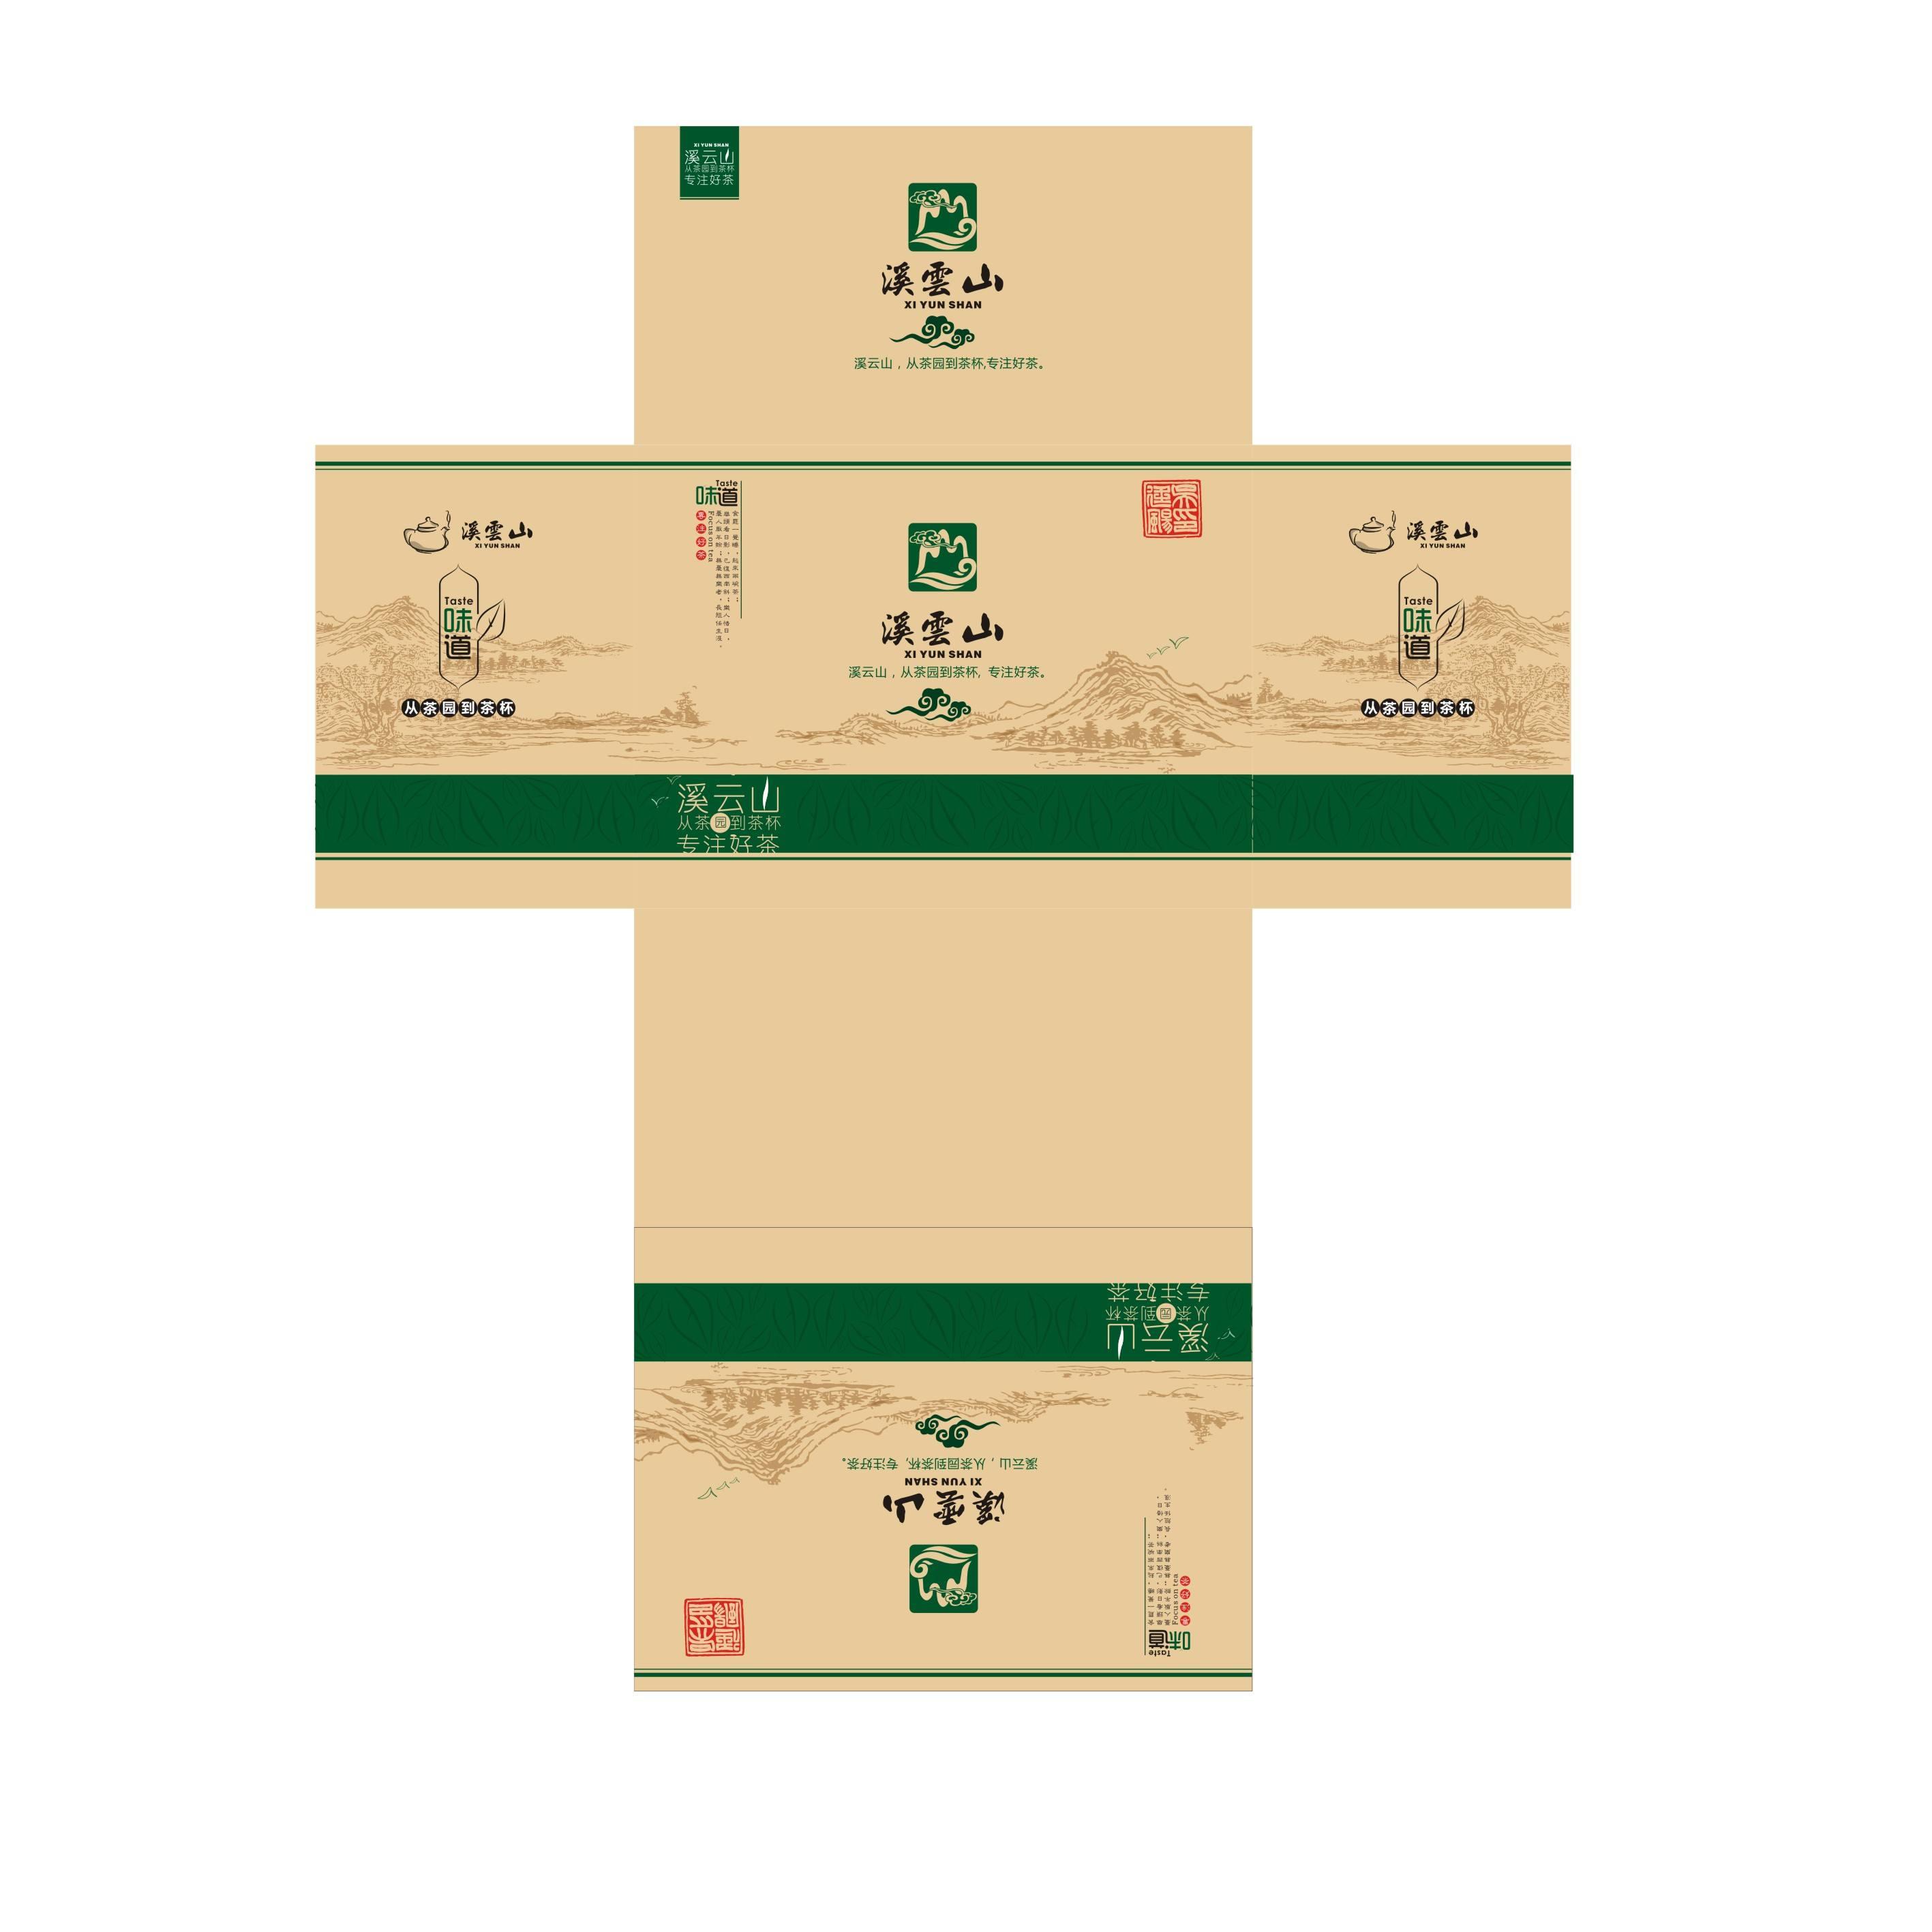 佛香纸箱外观设计